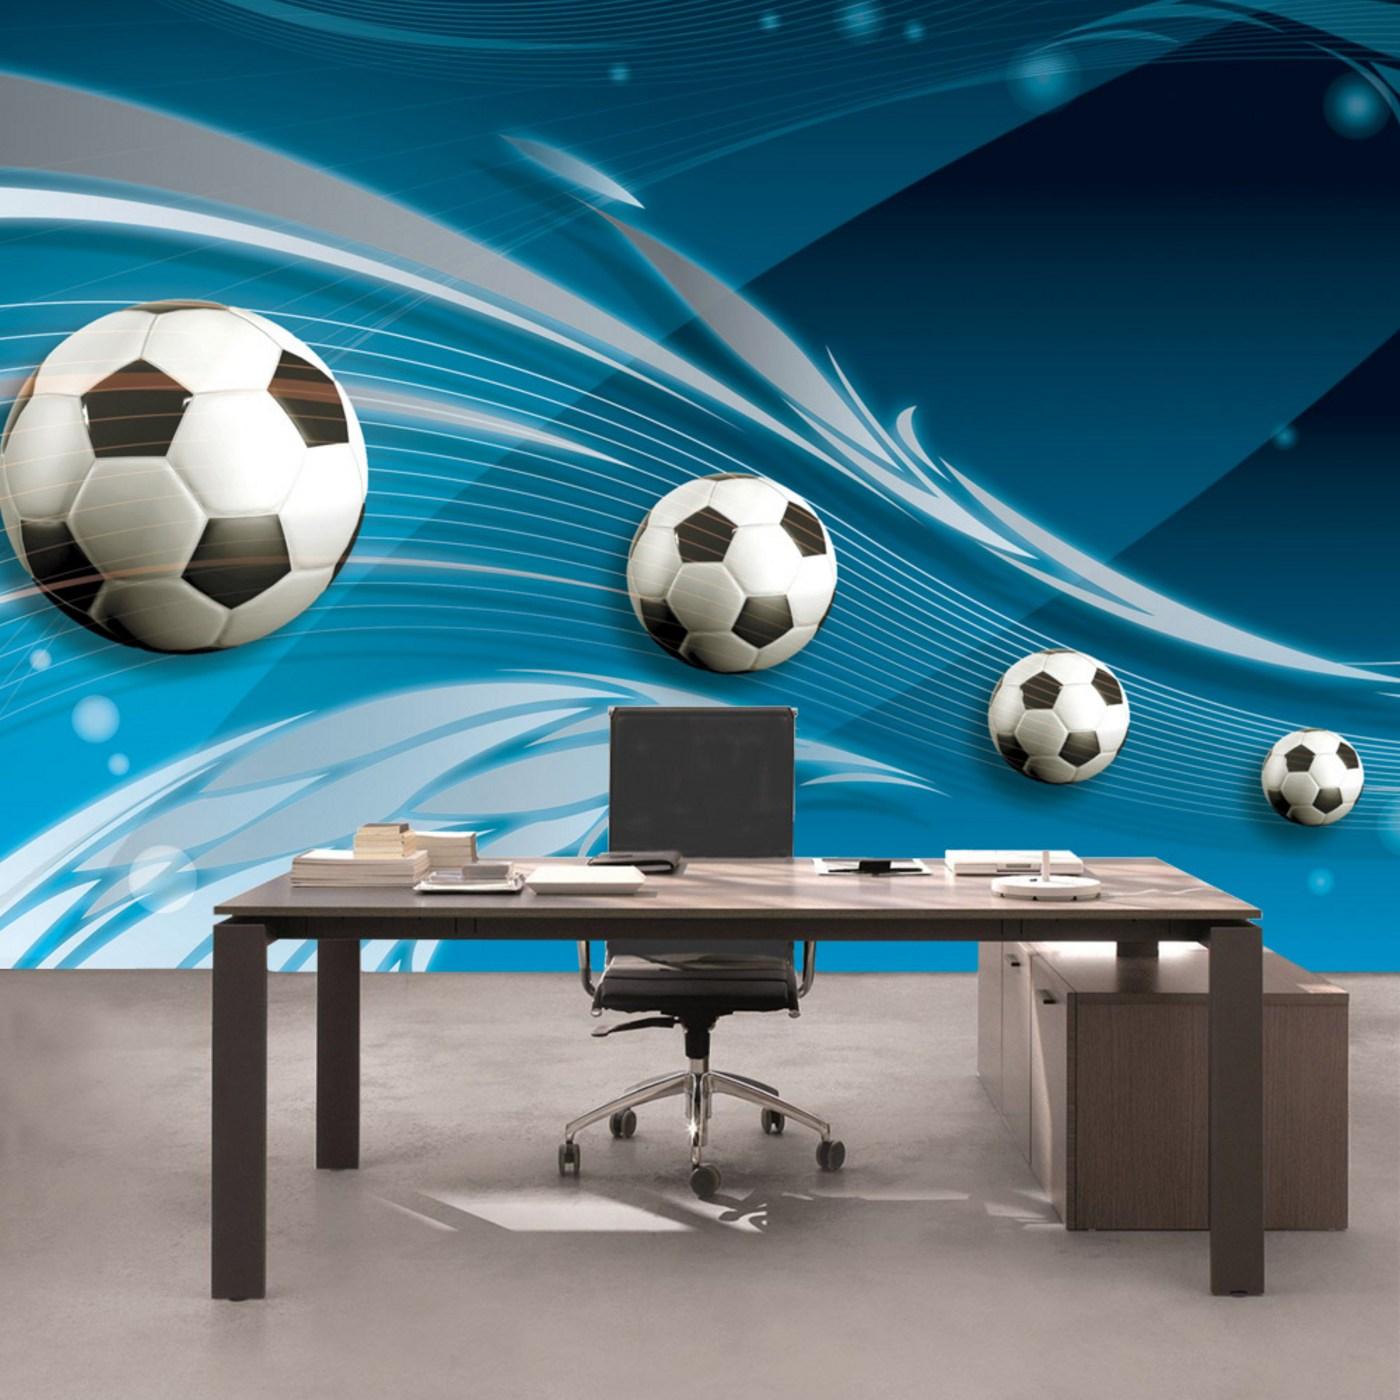 FTVL 0981 400X280 SCENE 8 1000X1000X96 RGB - Fusball Tapete